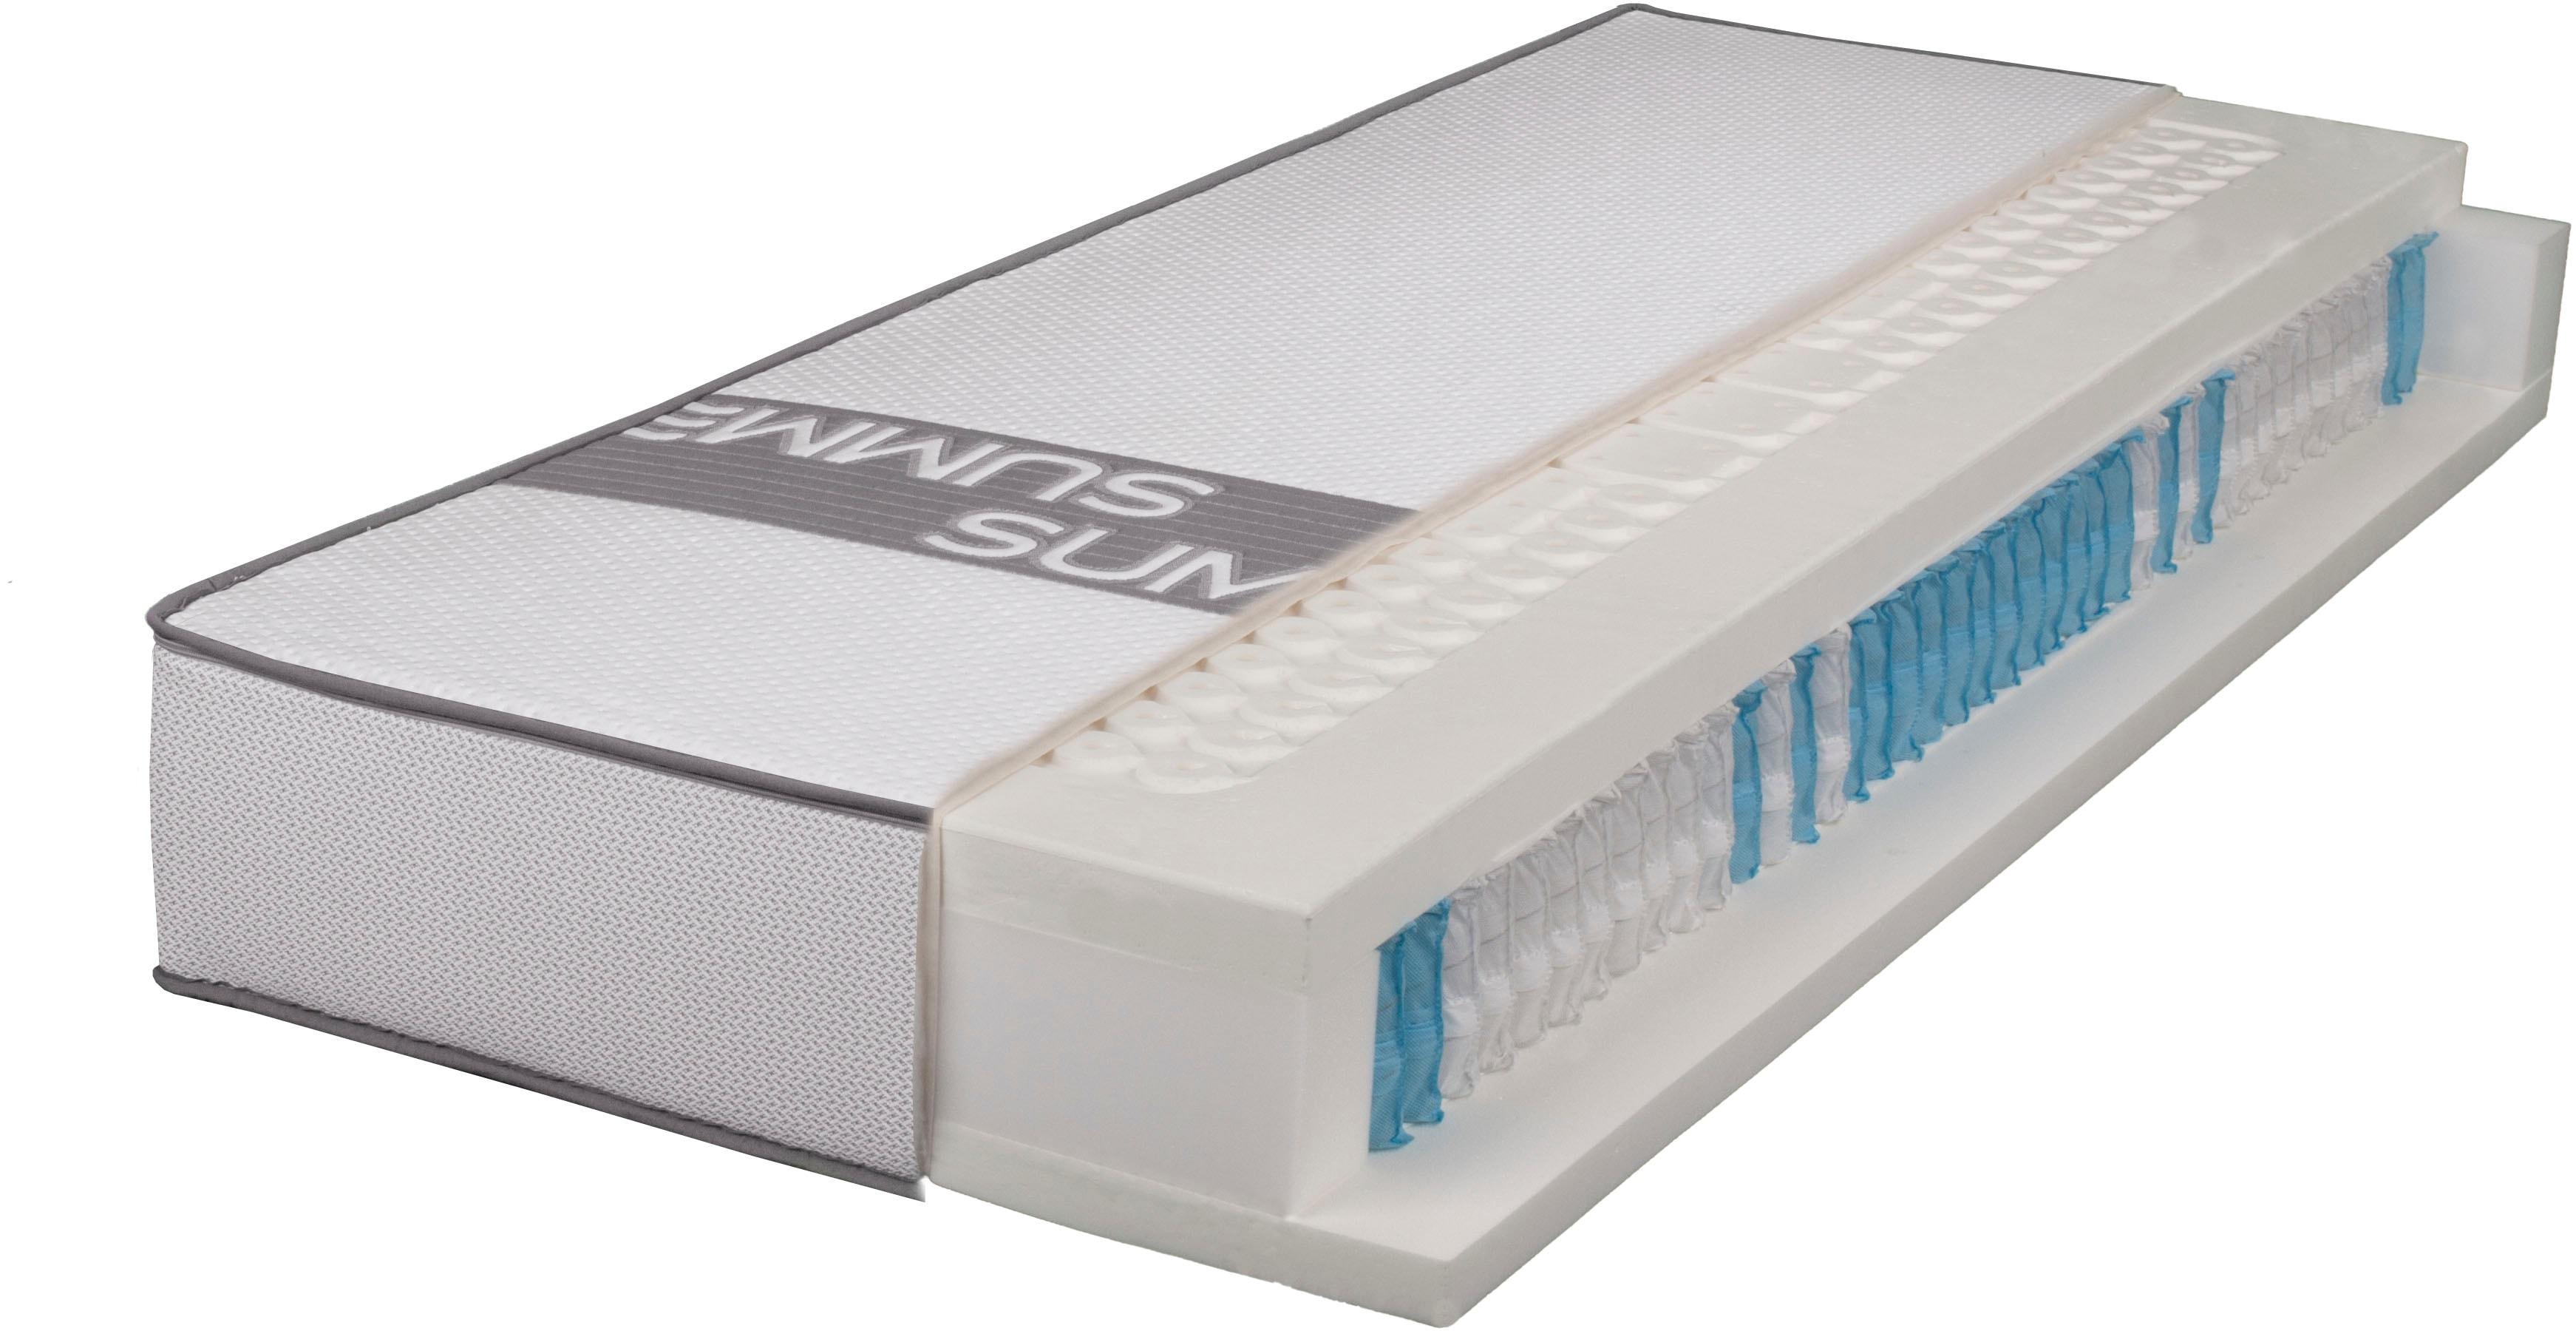 Taschenfederkernmatratze SMARTSLEEP 7000 Breckle 23 cm hoch